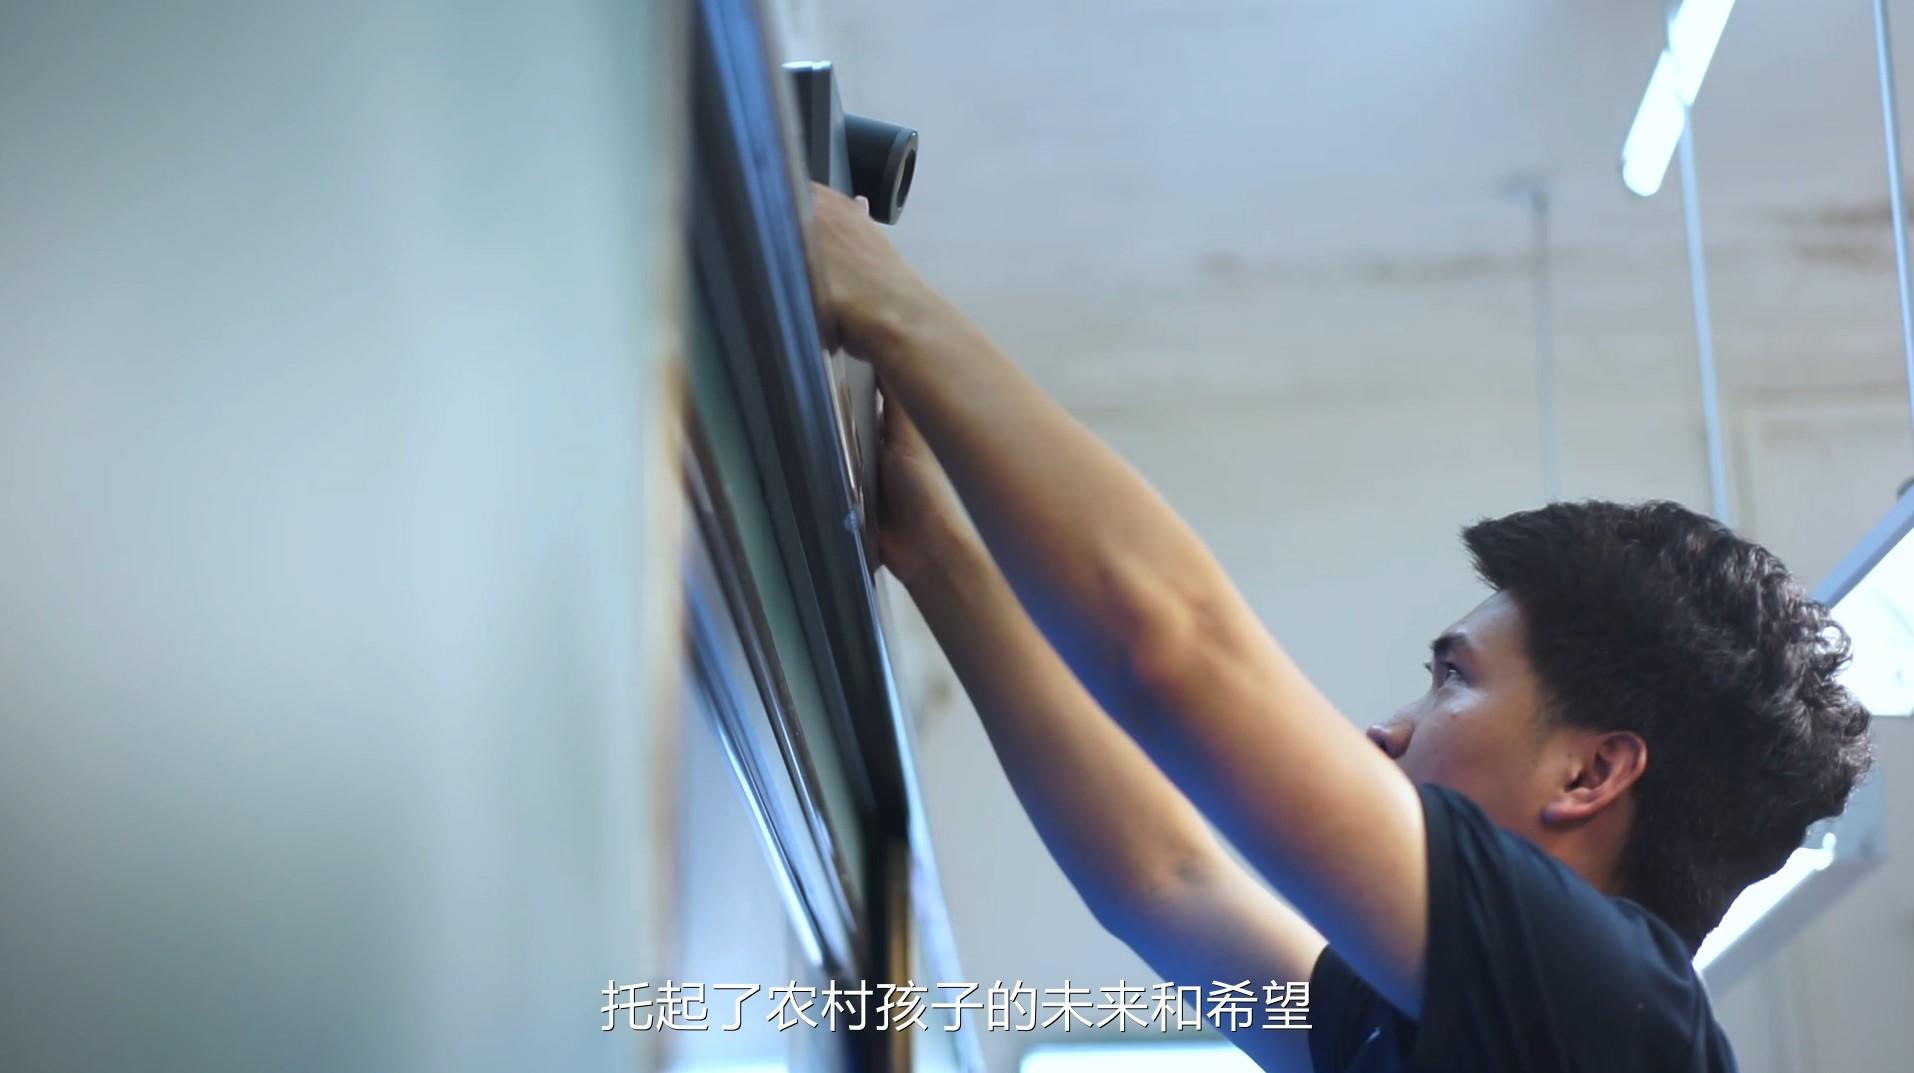 同一蓝天下,同享中国梦